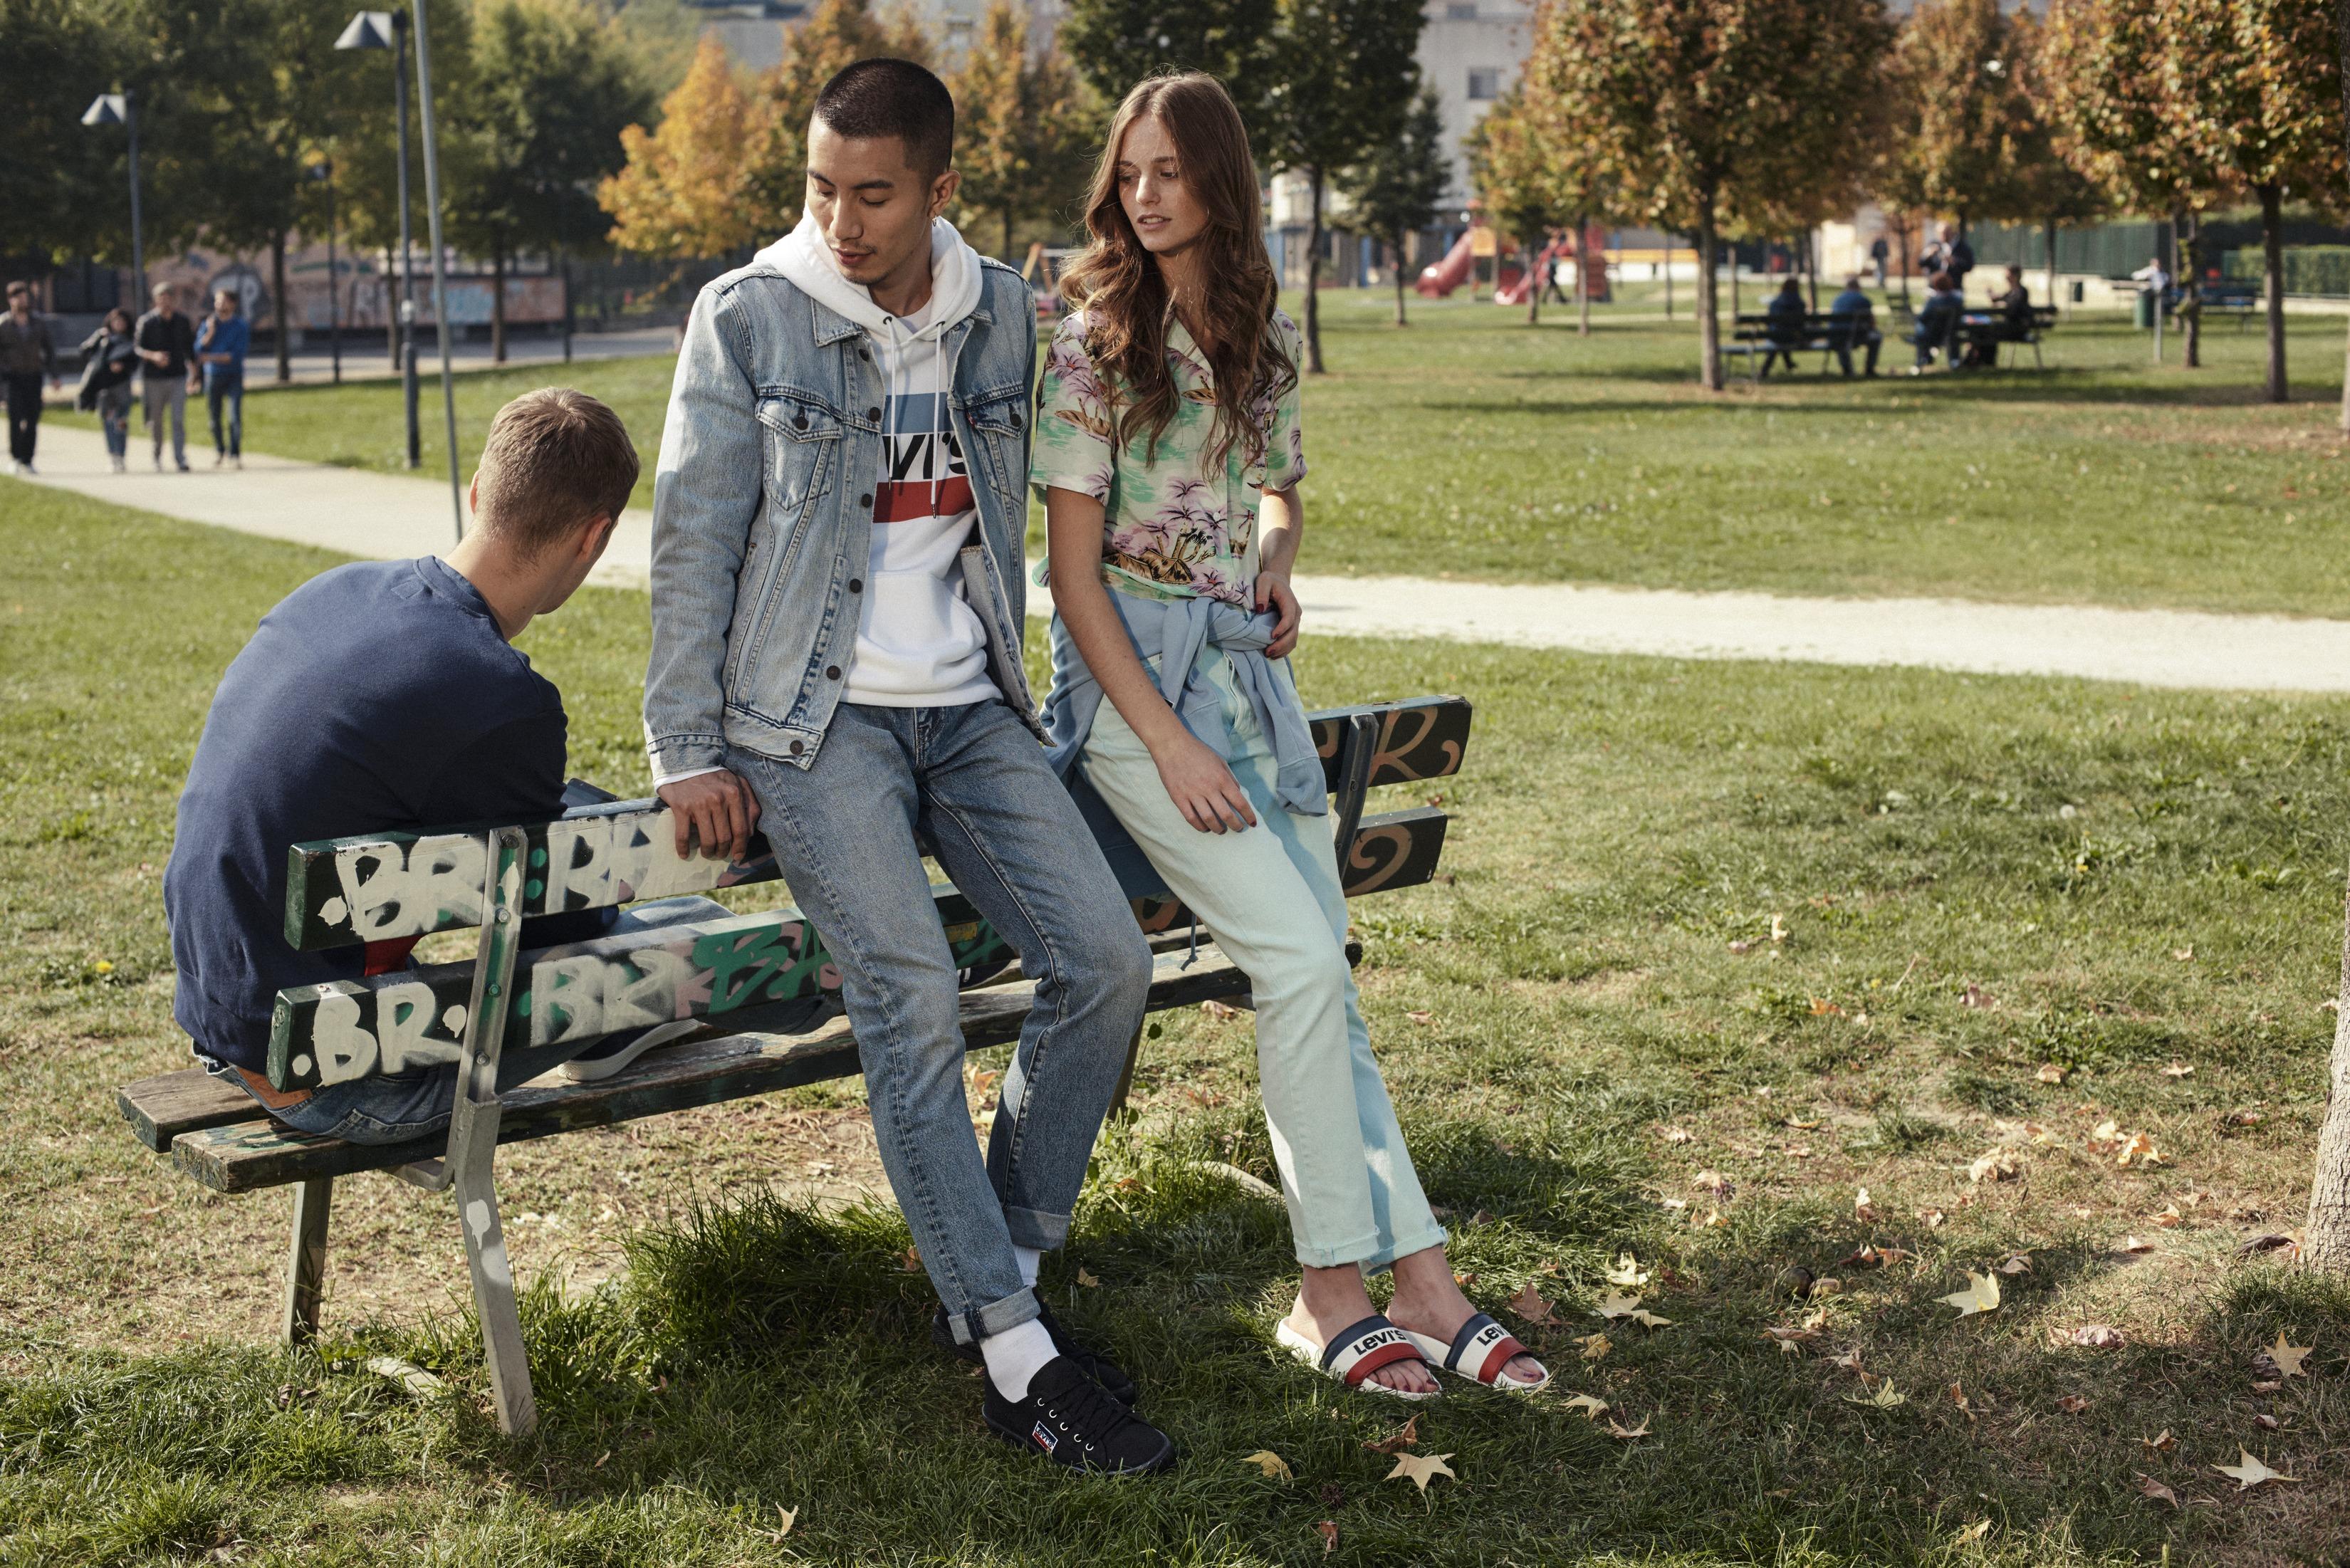 18_H1_Ftw_Dual_Sportswear_1913-3300x5100